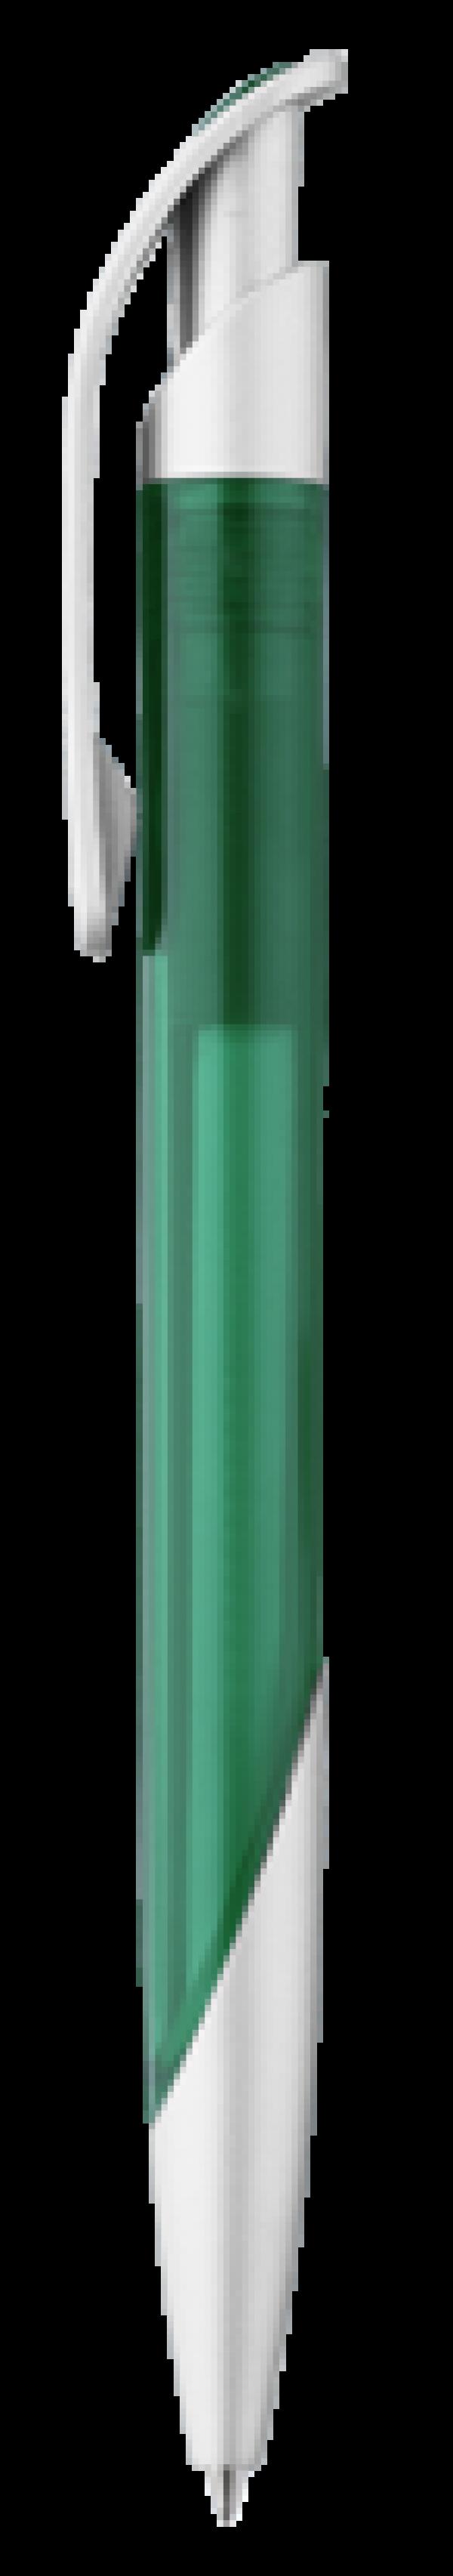 Шариковая ручка g 0-0058 T SPLASH transparent